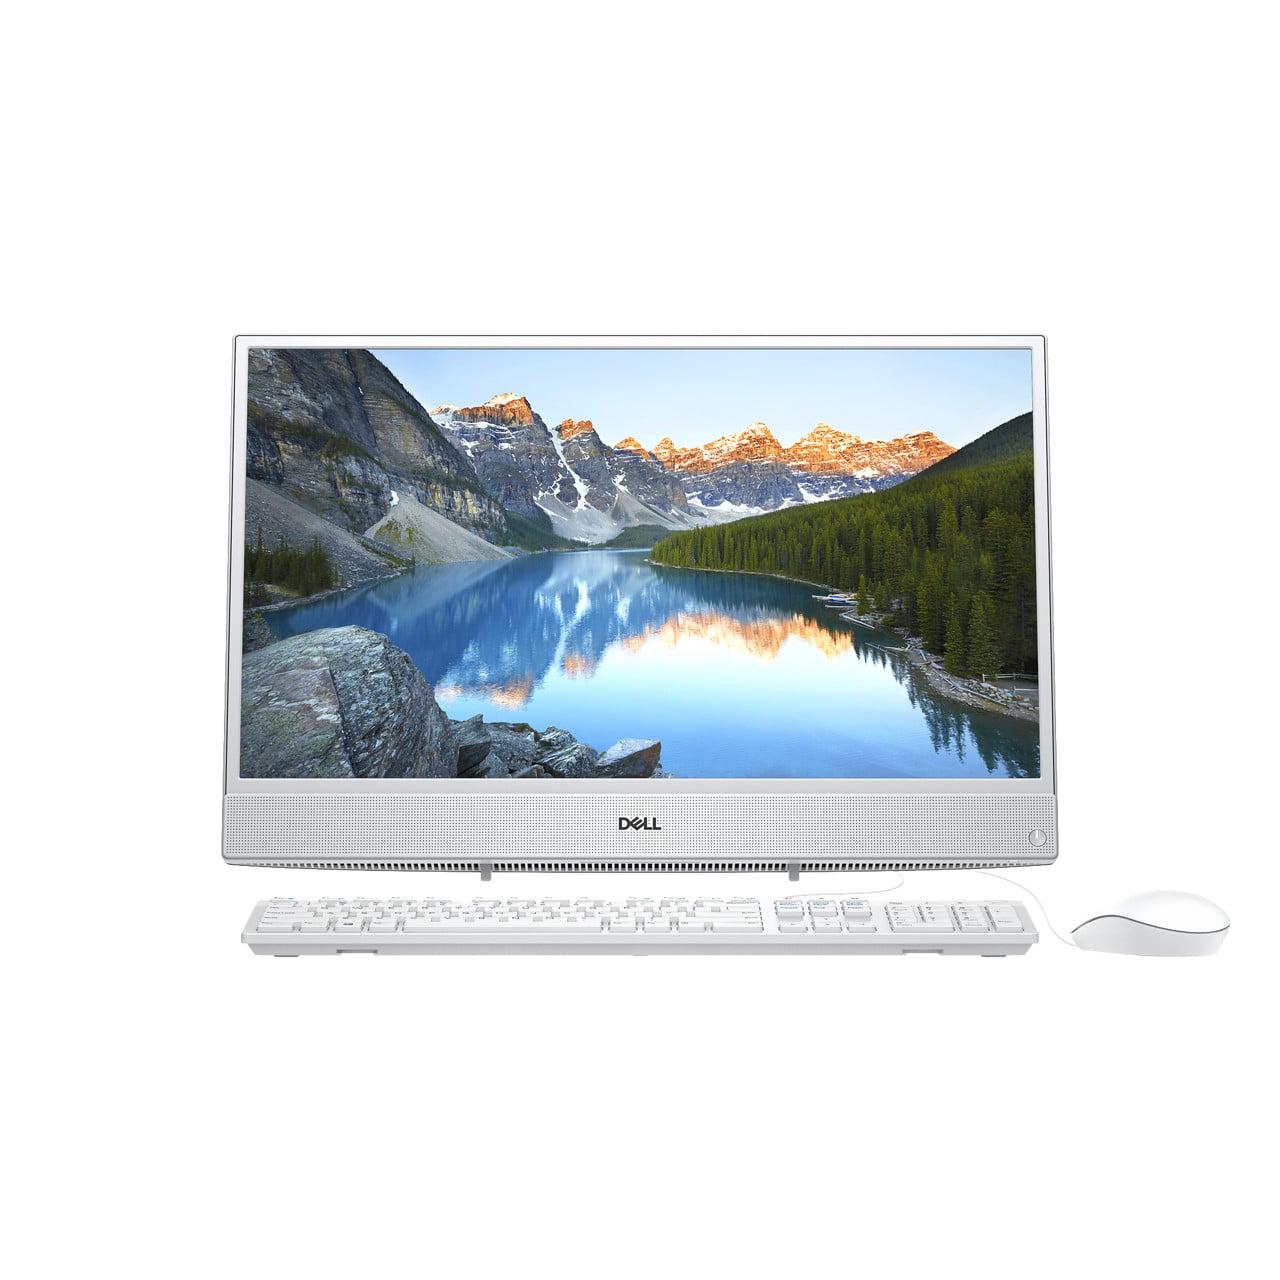 Dell Inspiron 22 3000 Touch- AMD E2-9000e - 1TB HDD- 4GB RAM